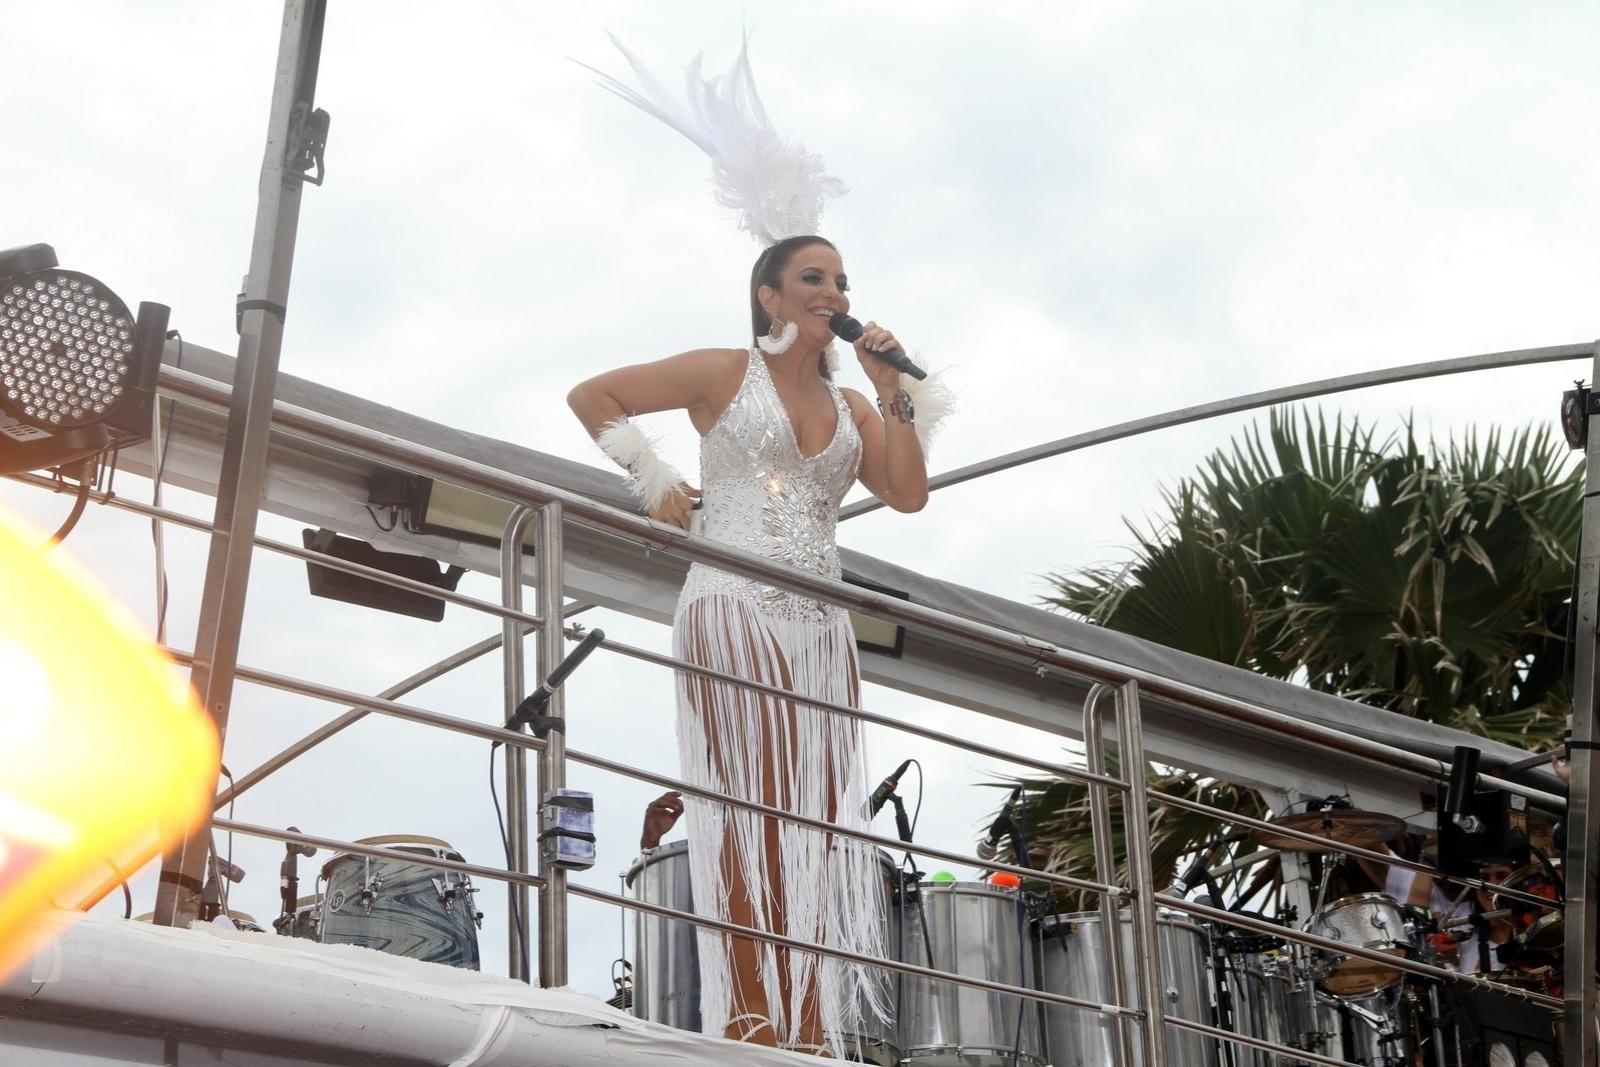 1.mar.2014 - Vestindo fantasia branca, a cantora Ivete Sangalo homenageia Dalai Lama e Nelson Mandela em trio no Circuito Dodô (Barra) em Salvador